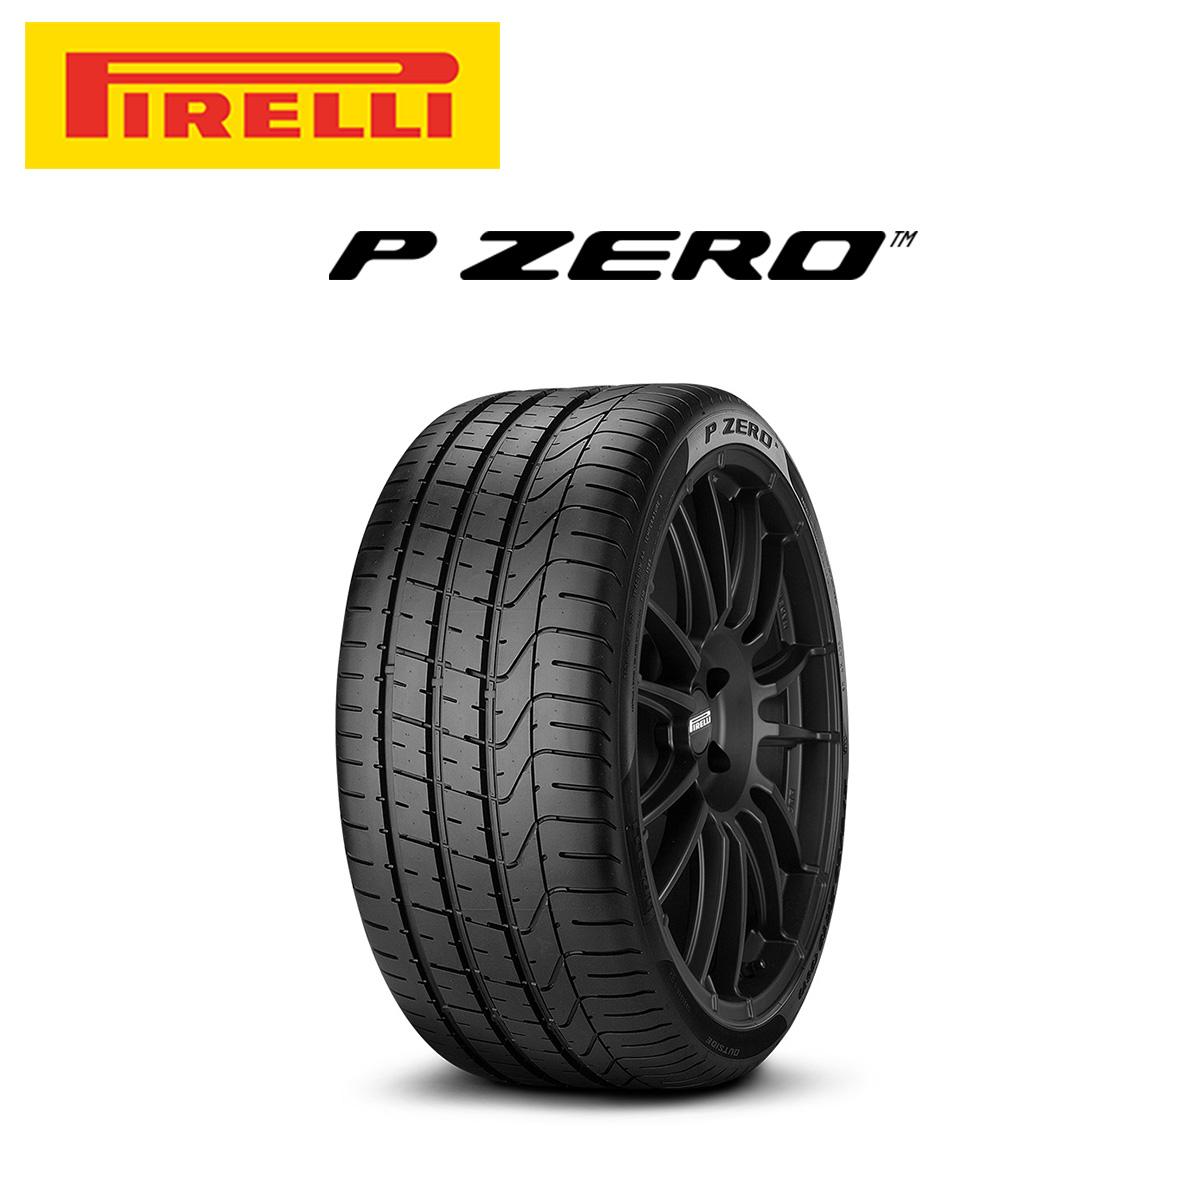 ピレリ PIRELLI P ZERO ピーゼロ 21インチ サマー タイヤ 4本 セット 325/25ZR21 102Y XL 2148100